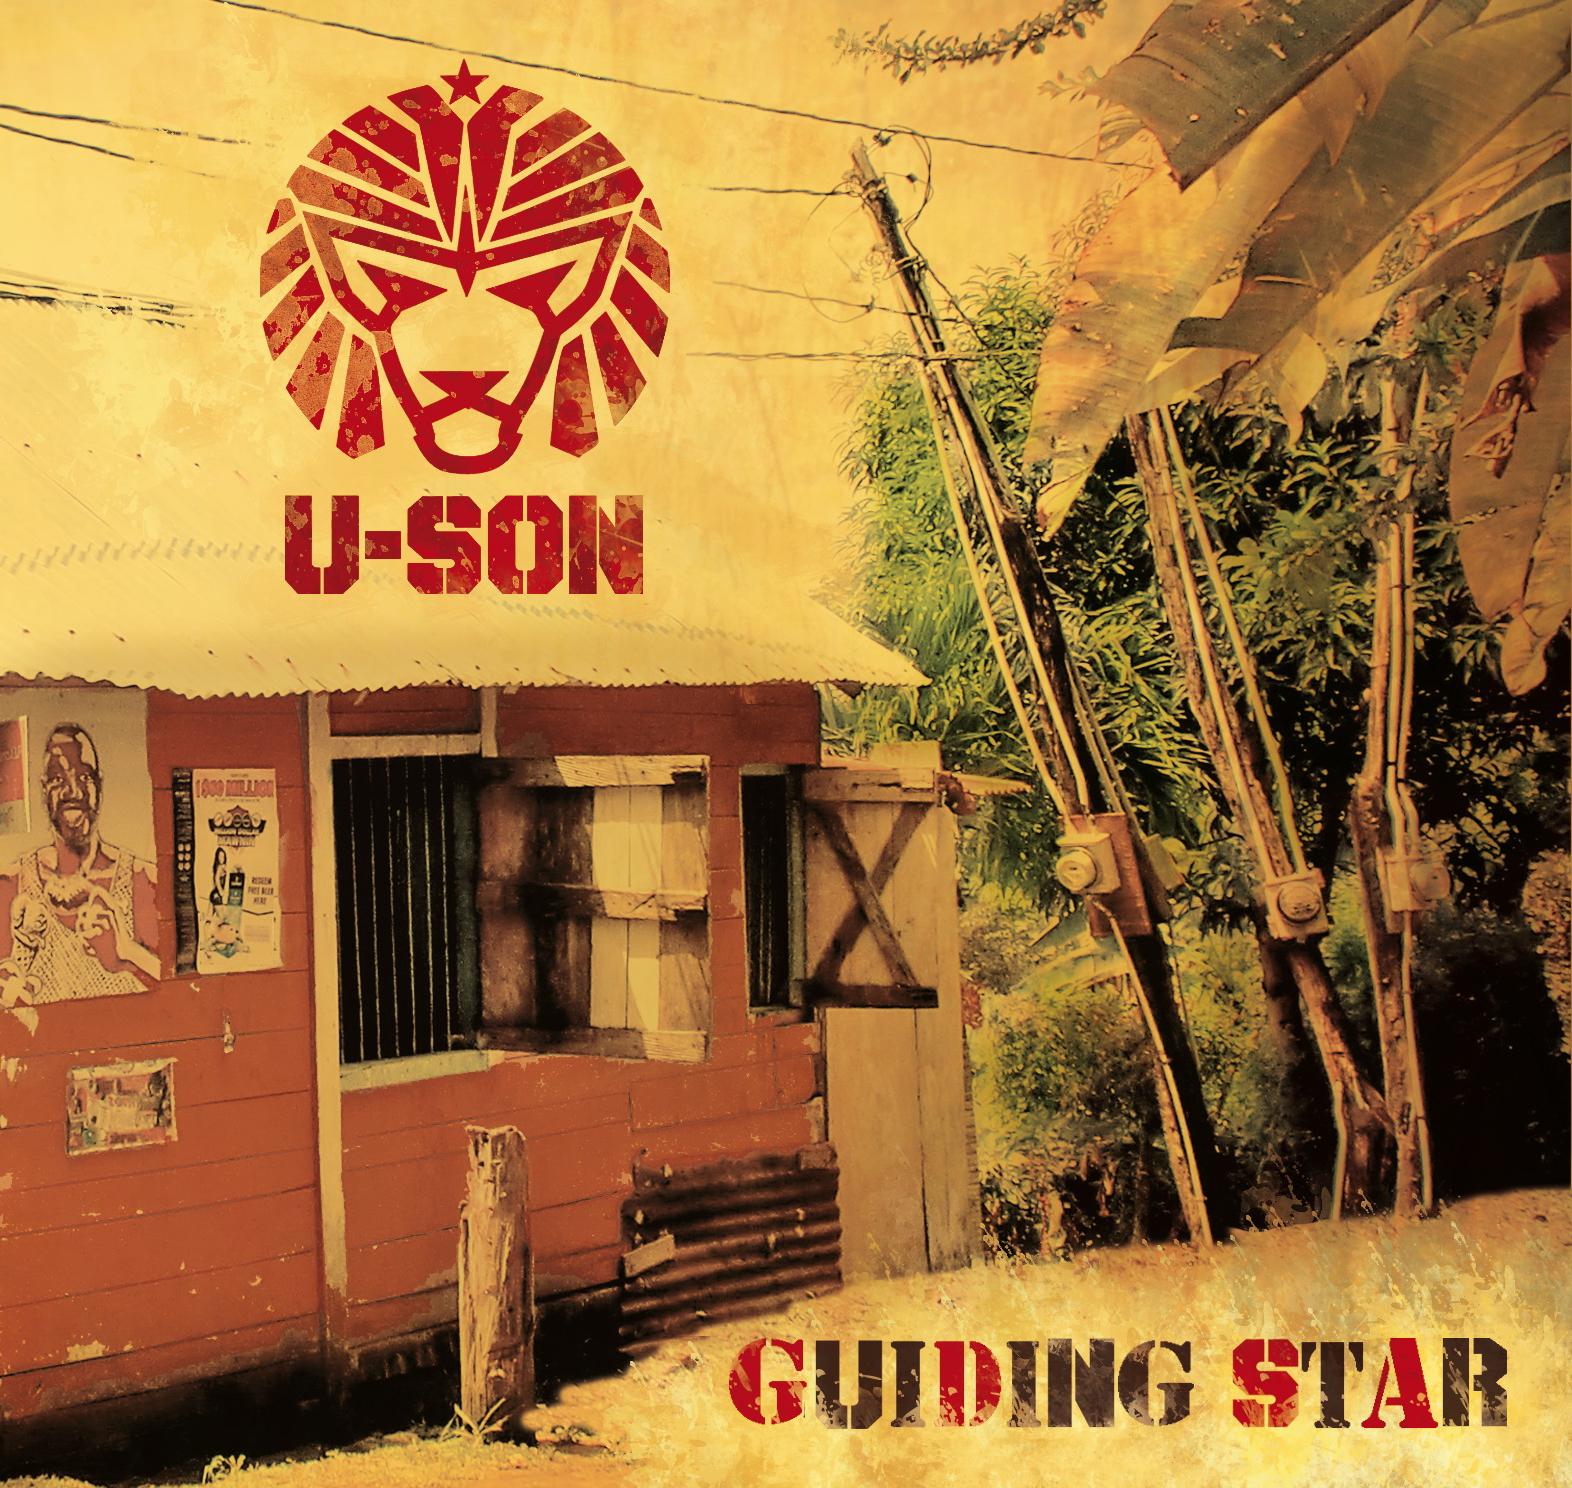 U-SON - Guiding Star (Album)